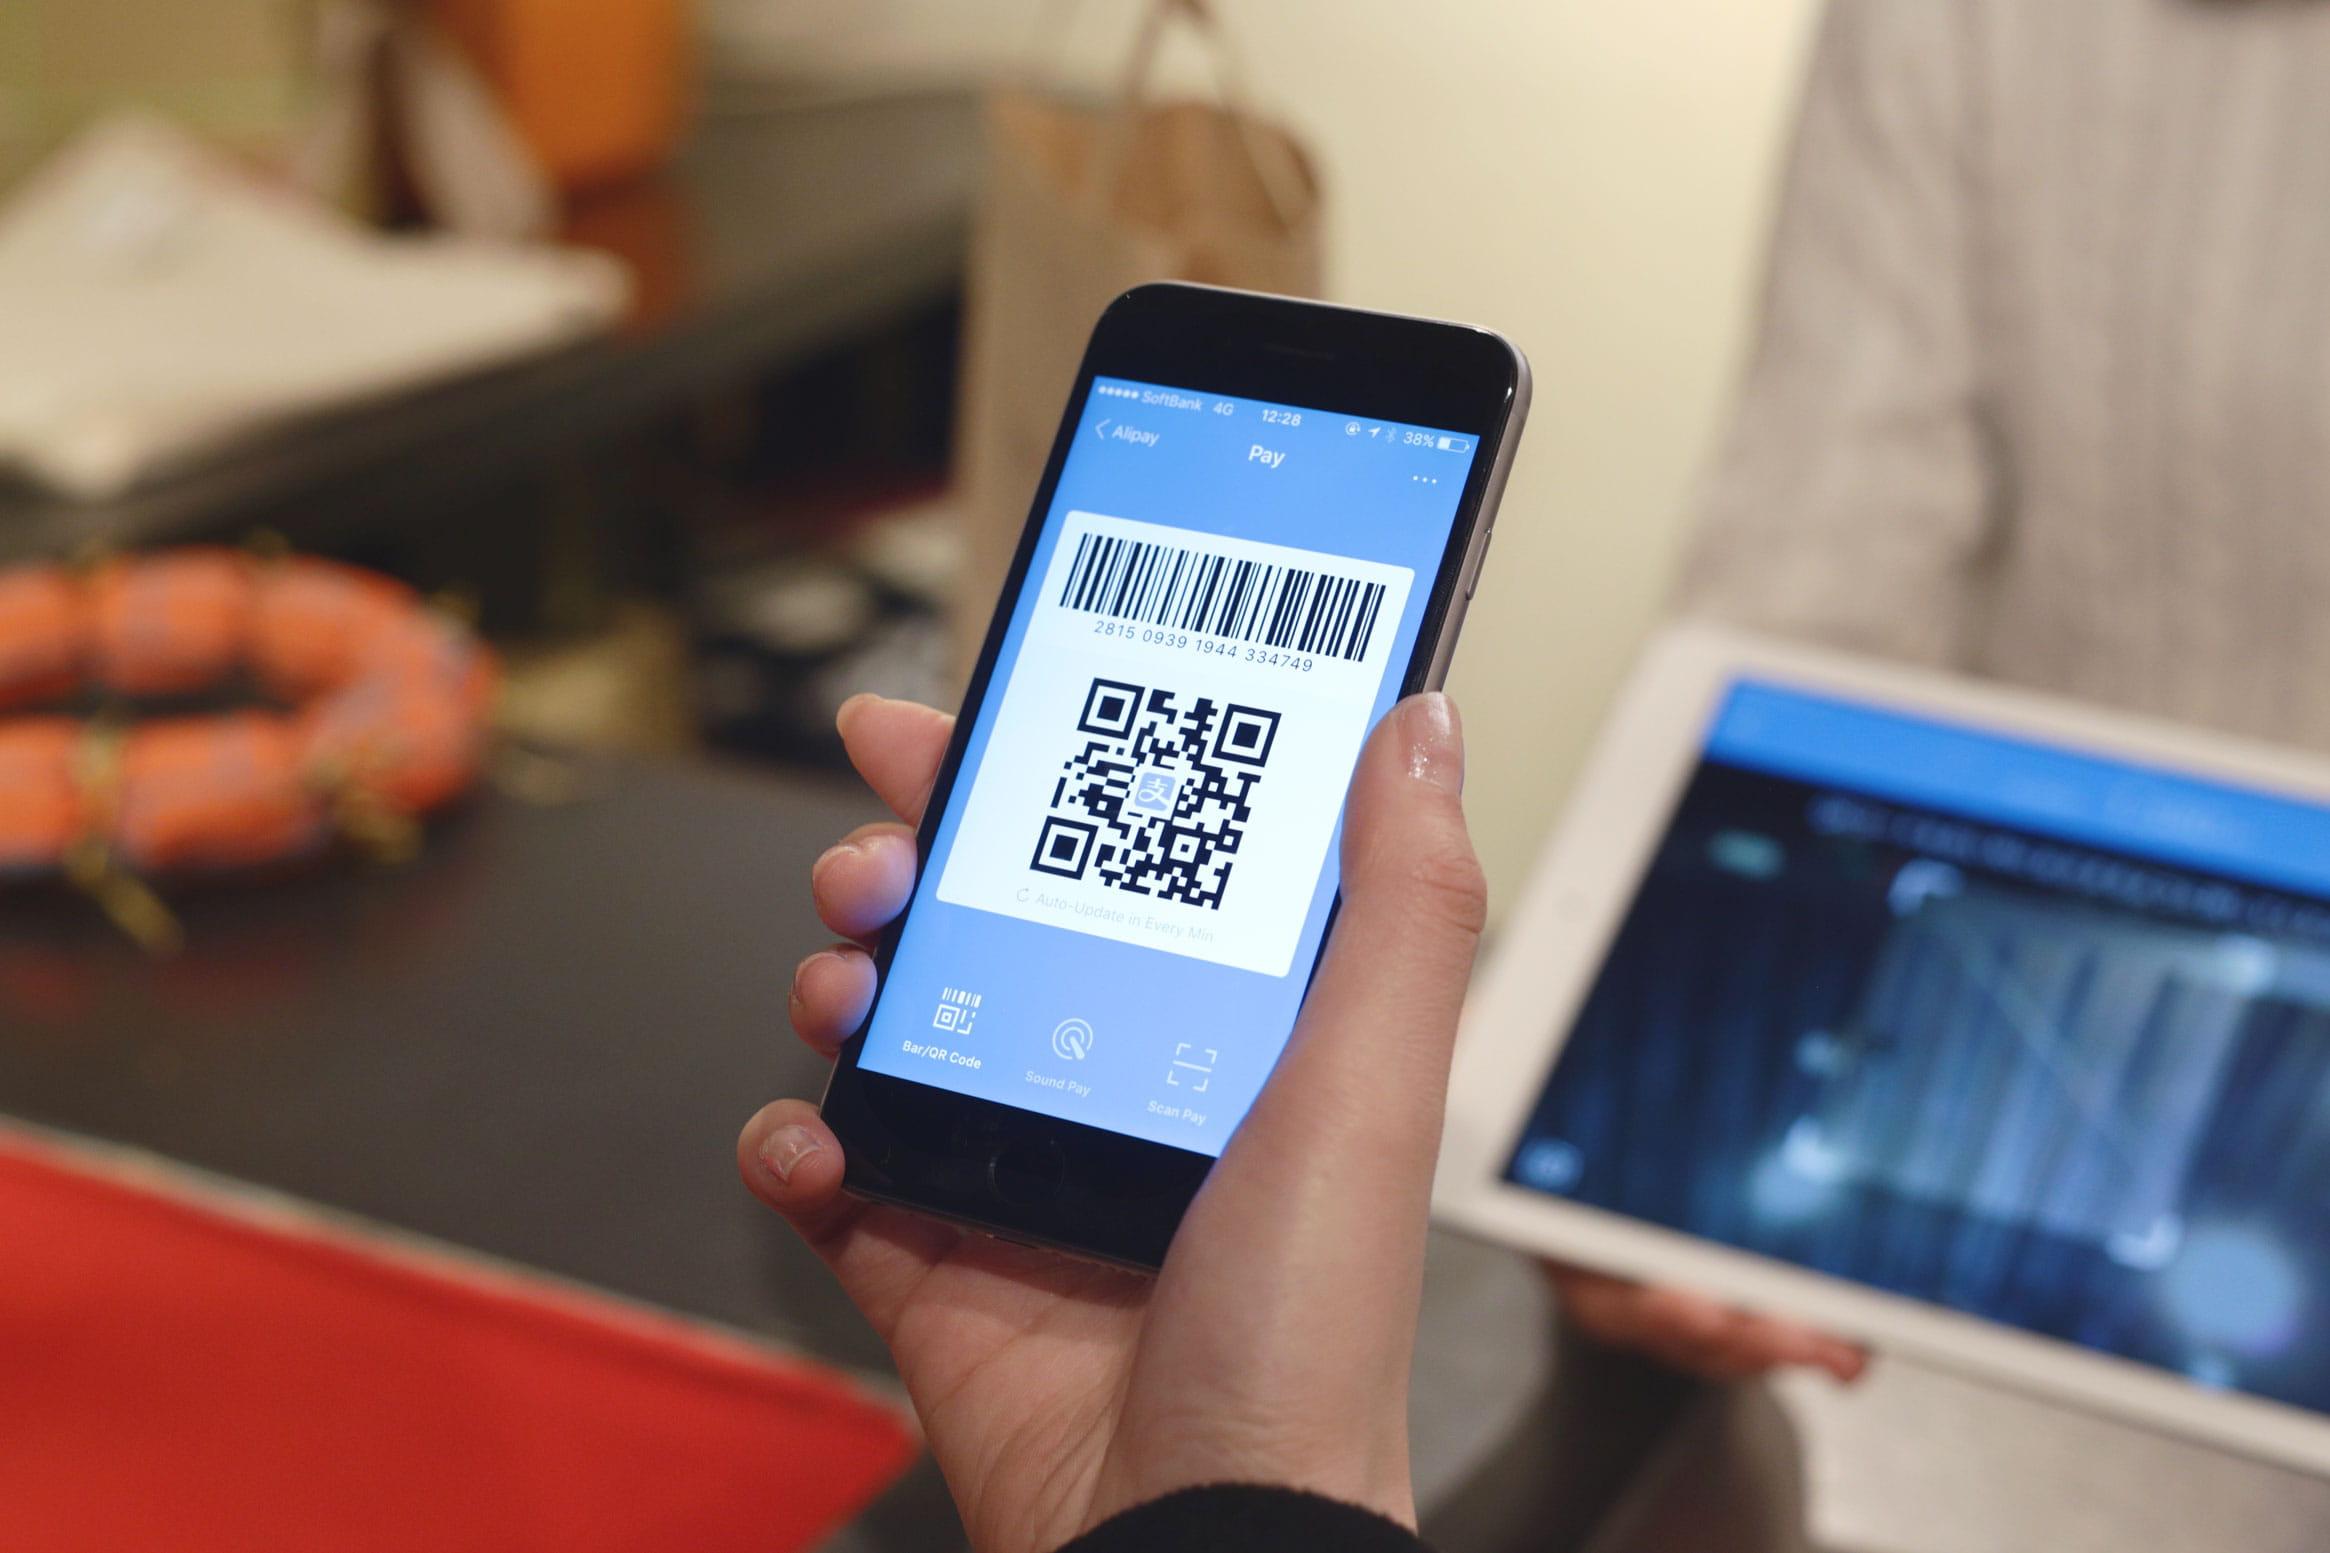 Alipay(アリペイ)は、中国最大級のモバイル決済アプリ